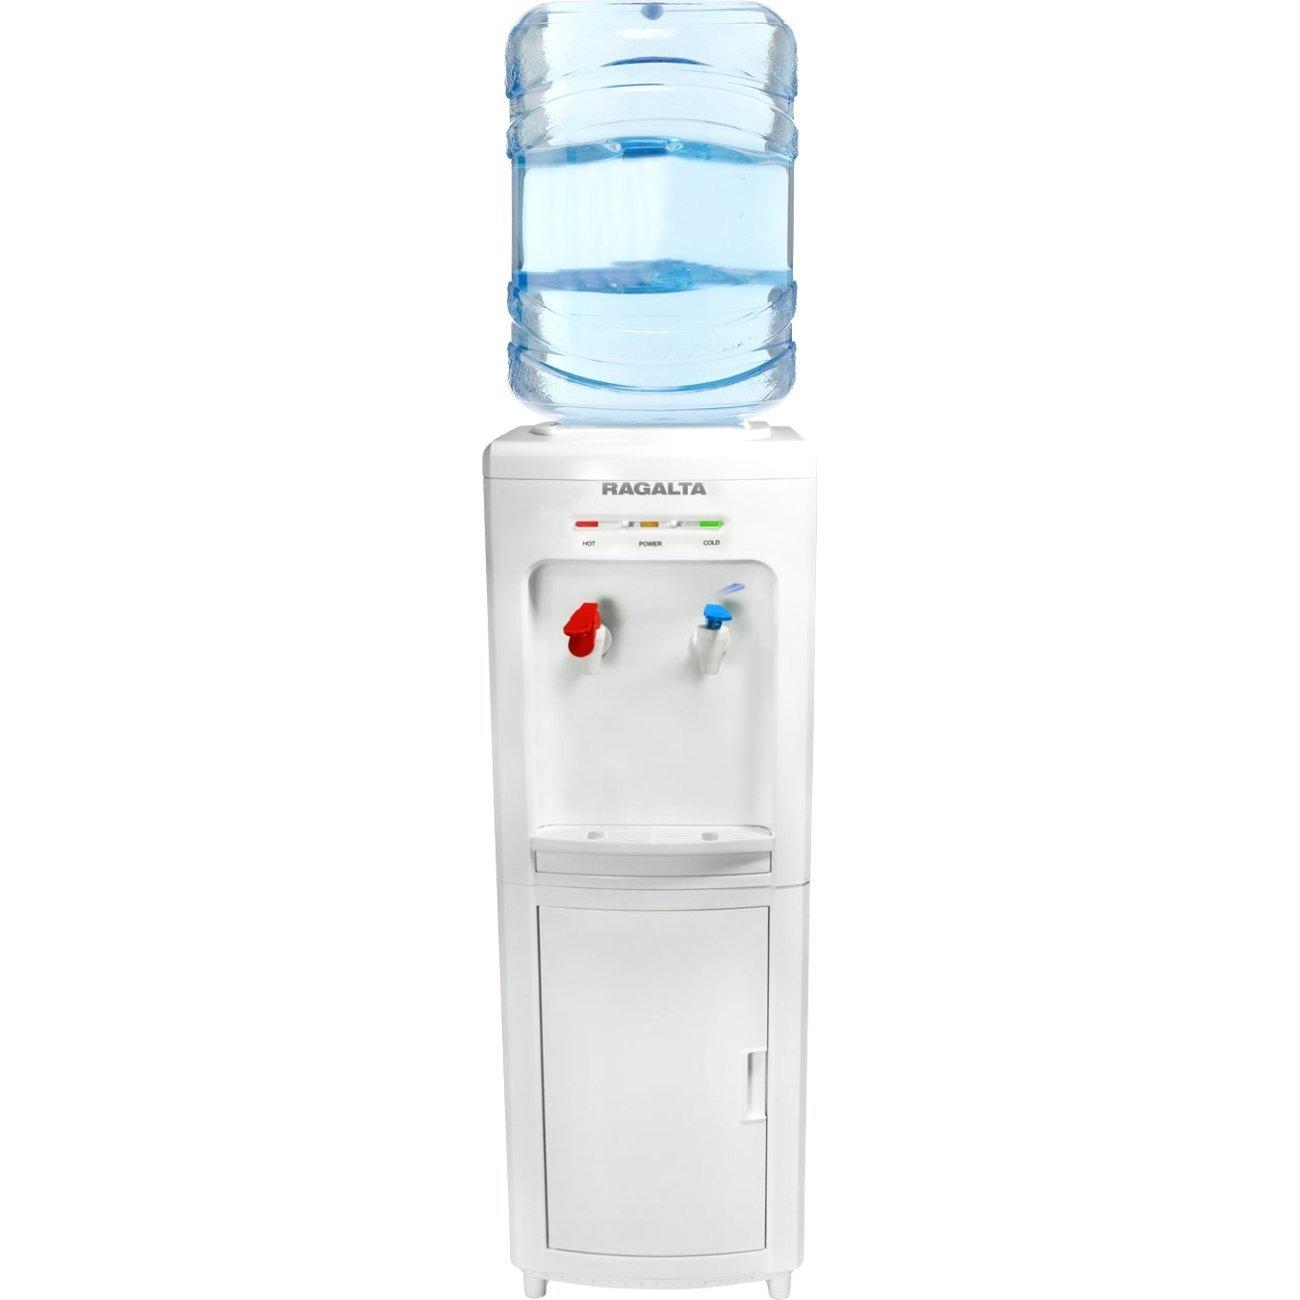 Ragalta RWC-195 Color blanco - Dispensador de agua (286 x 267 x ...